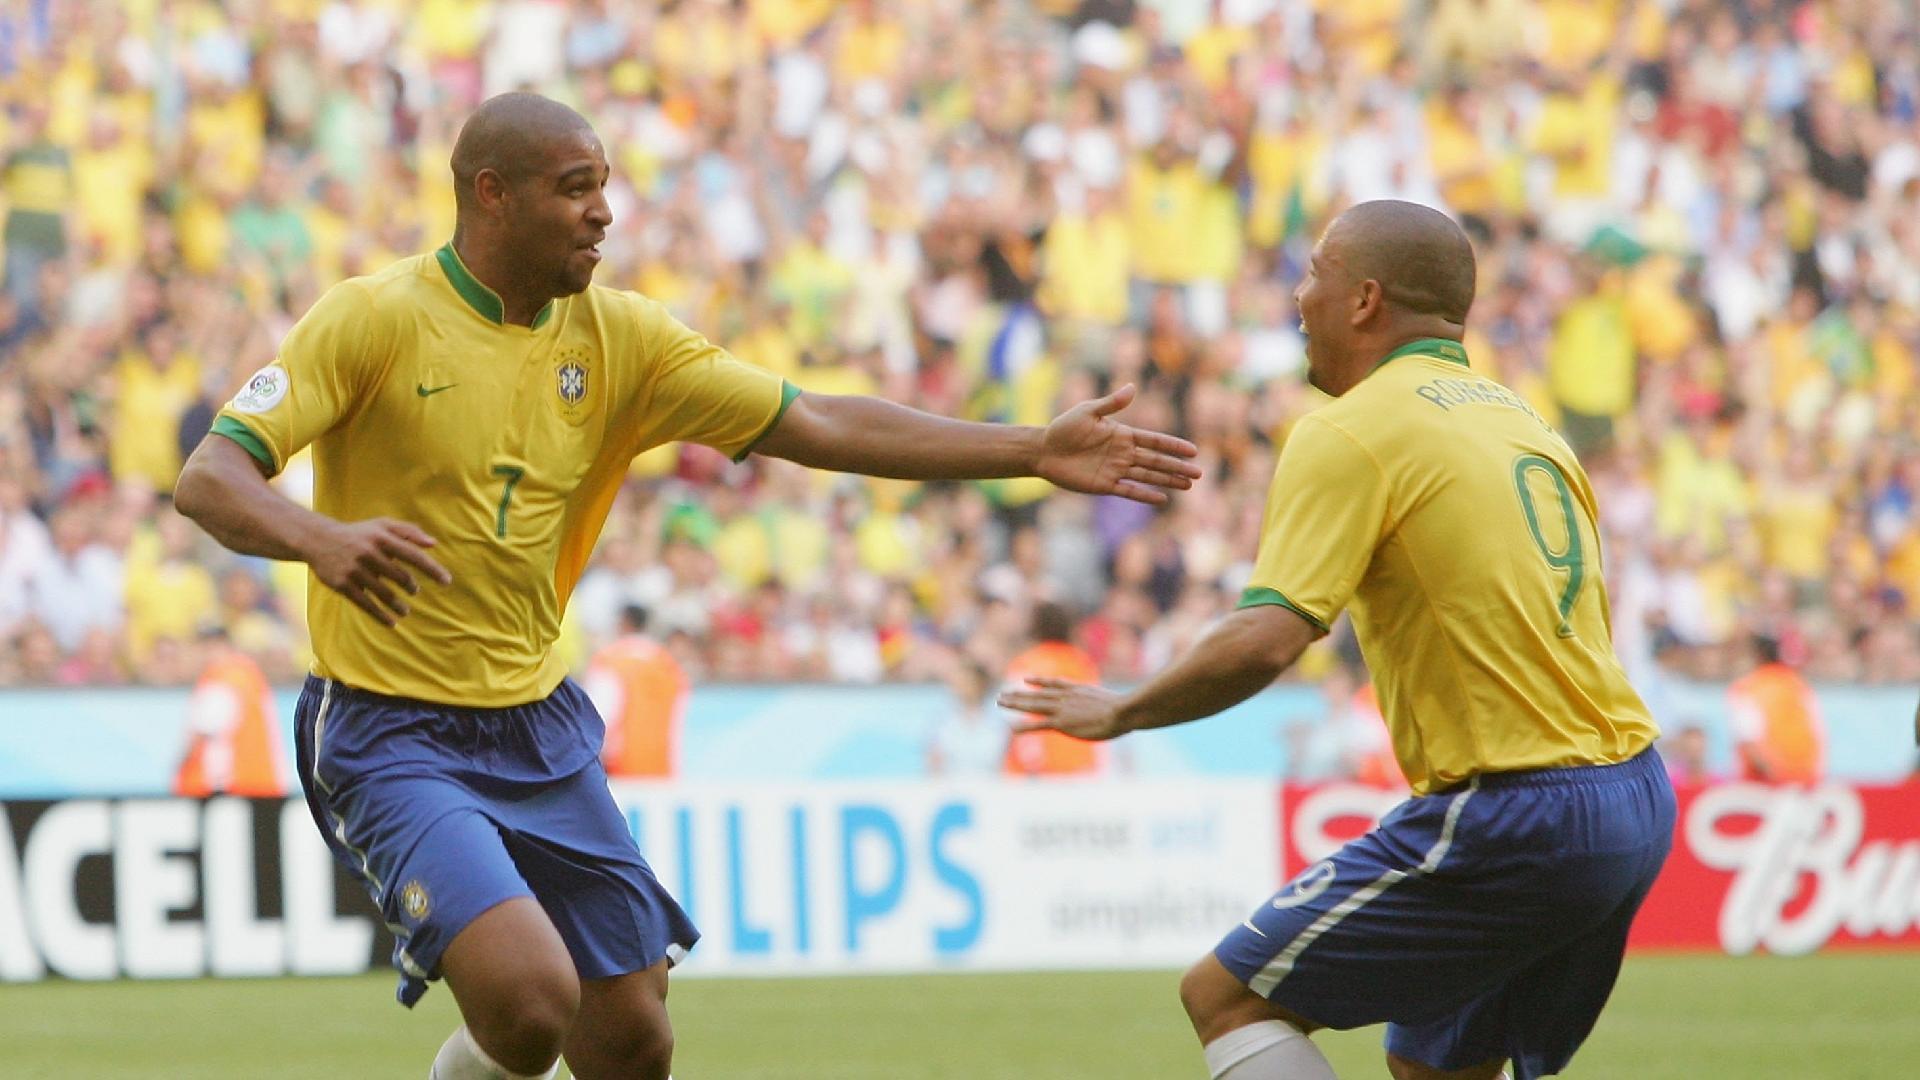 Adriano e Ronaldo comemoram gol da seleção na Copa de 2006